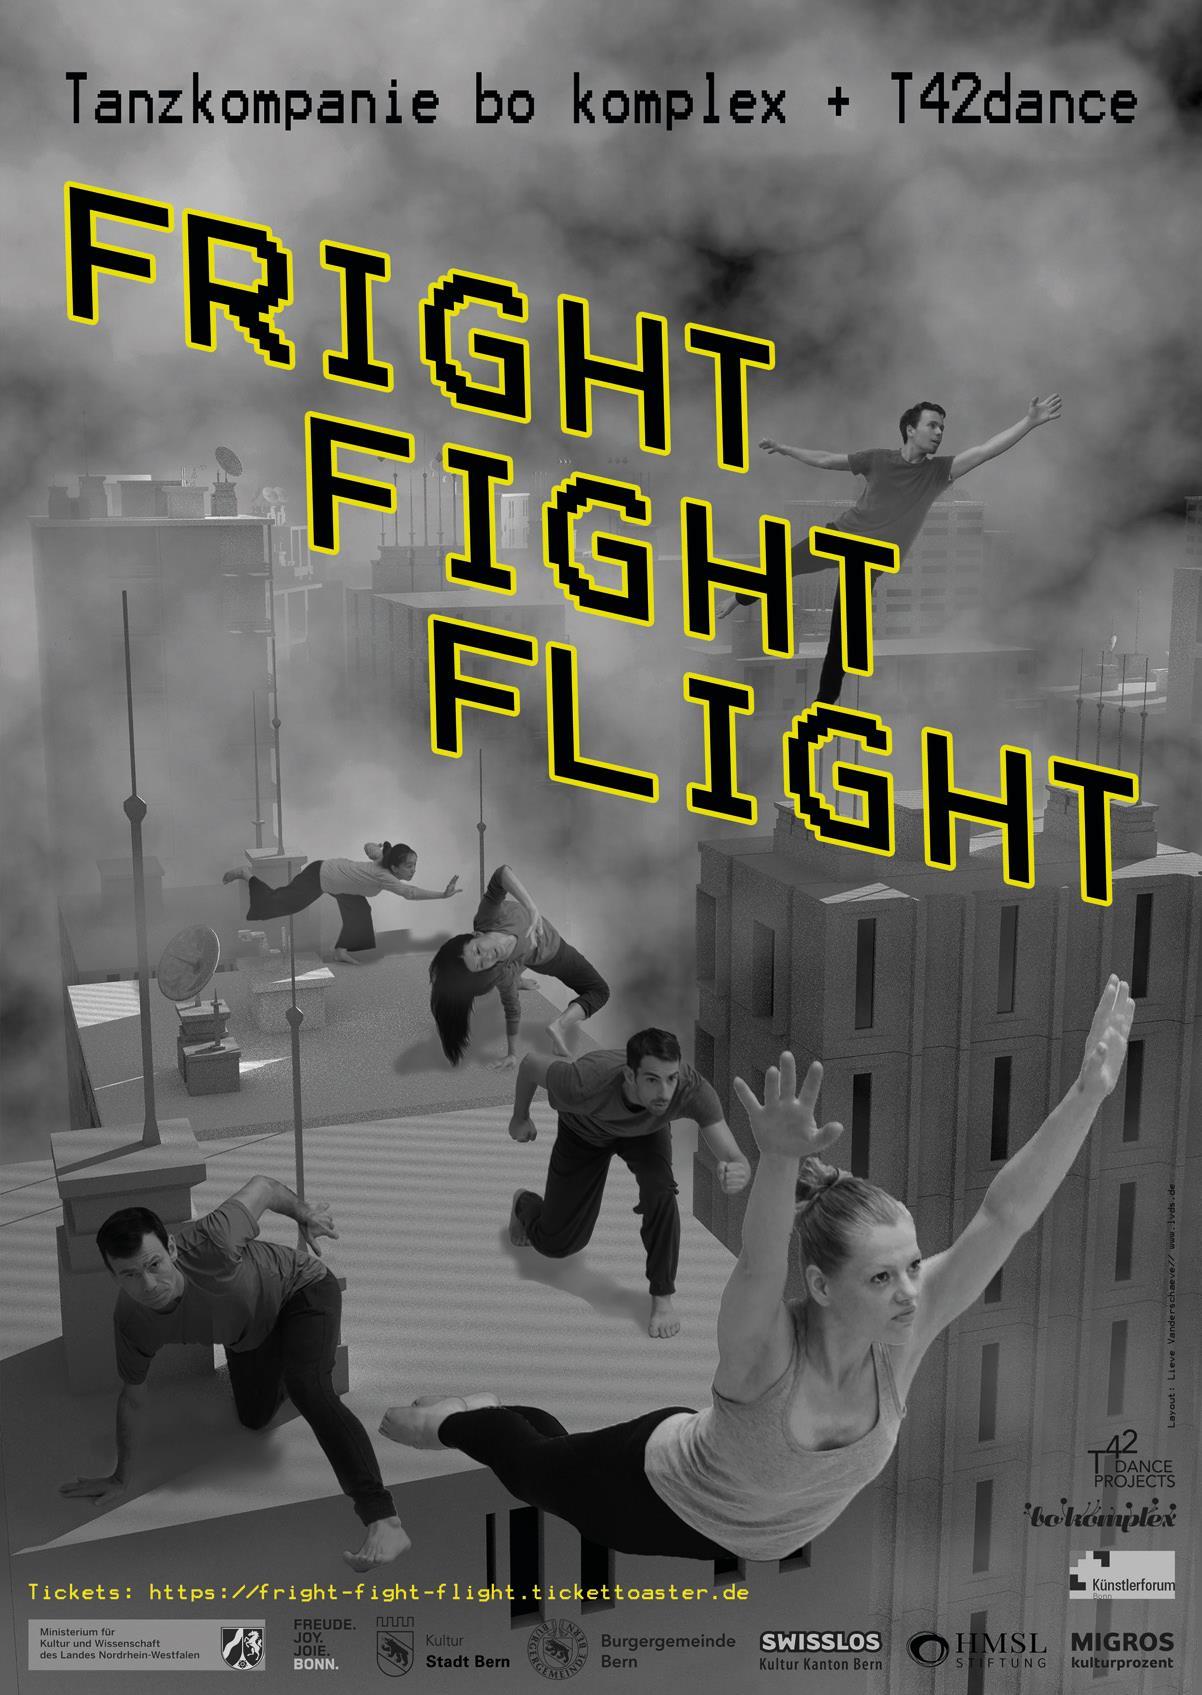 FRIGHTFIGHTFLIGHT bo komplex - fright-fight-flight